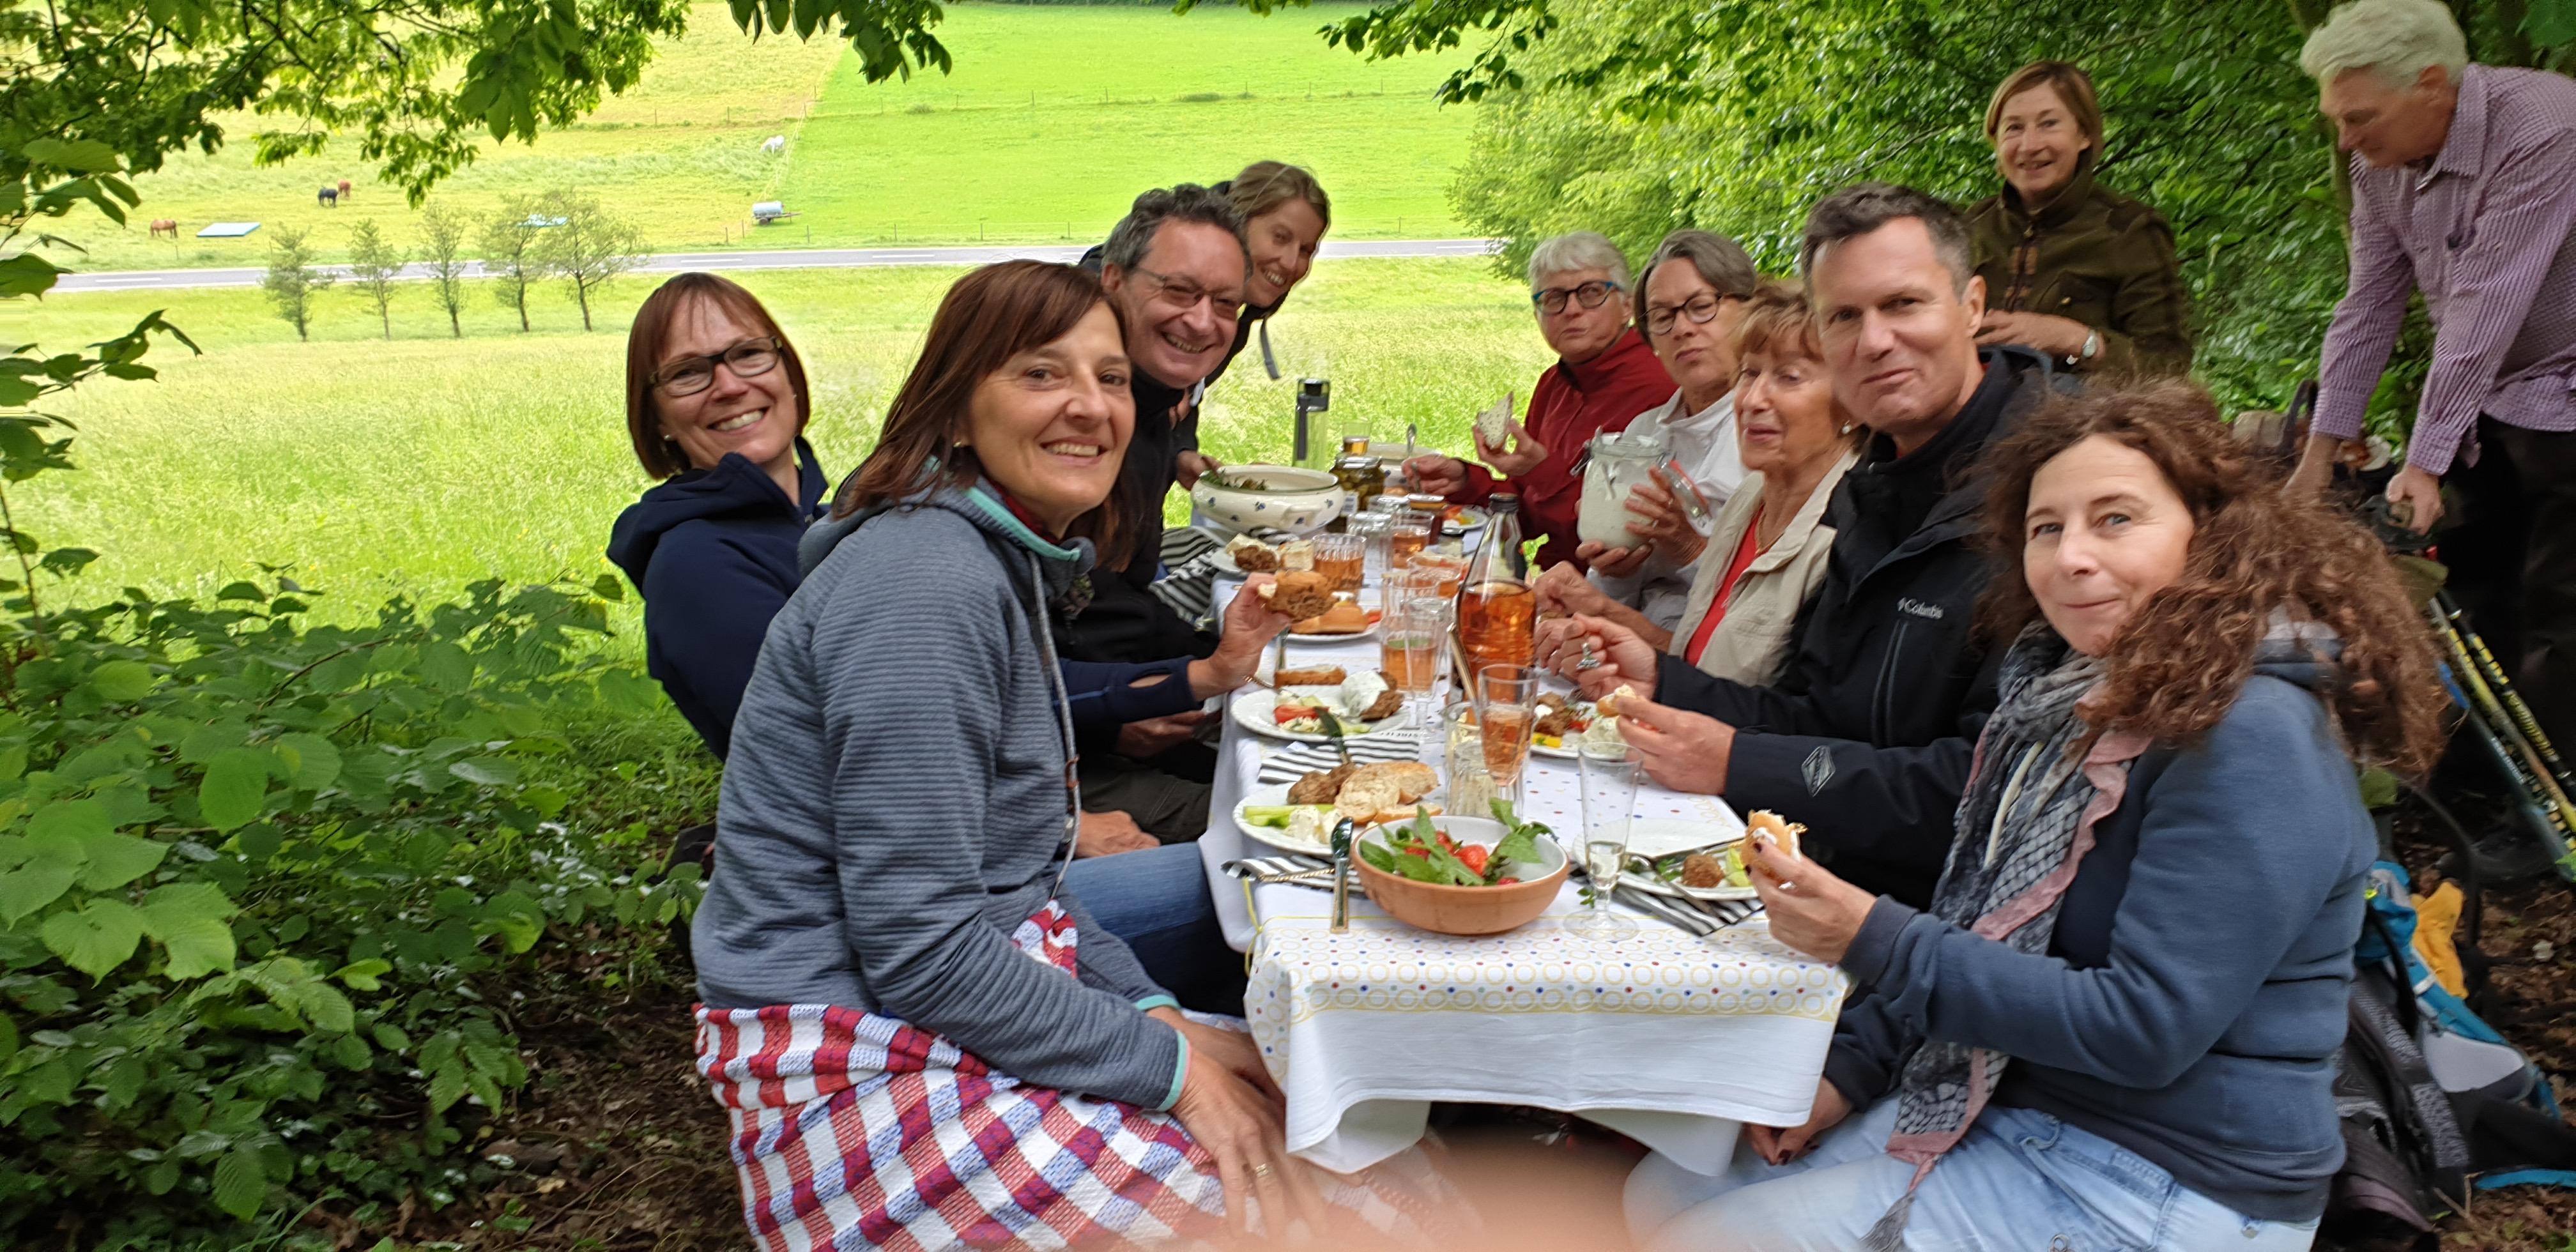 Picknick im Spessart